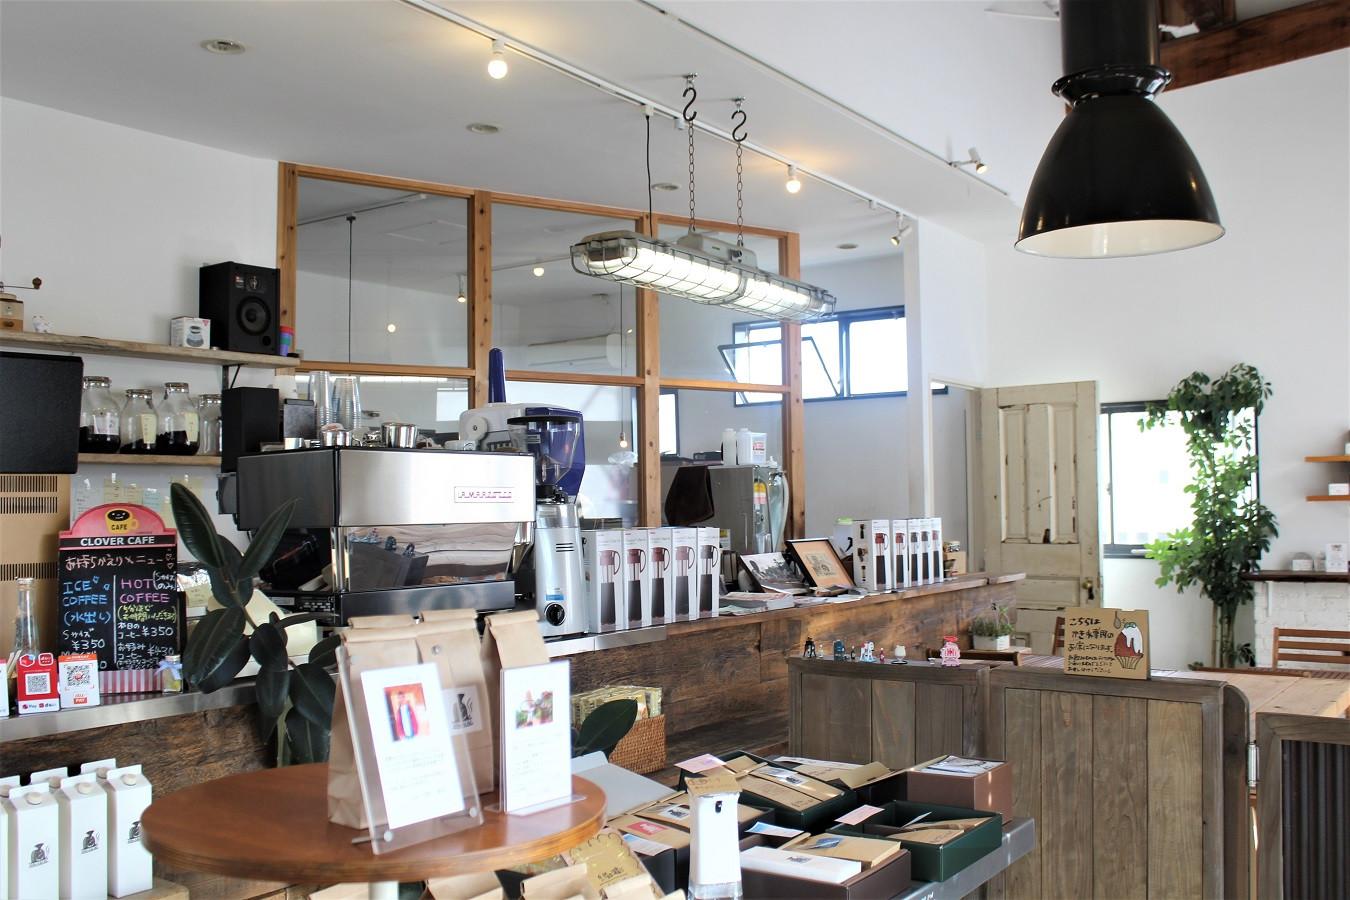 コーヒー・ア・ゴー!ゴー!店内の様子。旬のコーヒーが並ぶ。